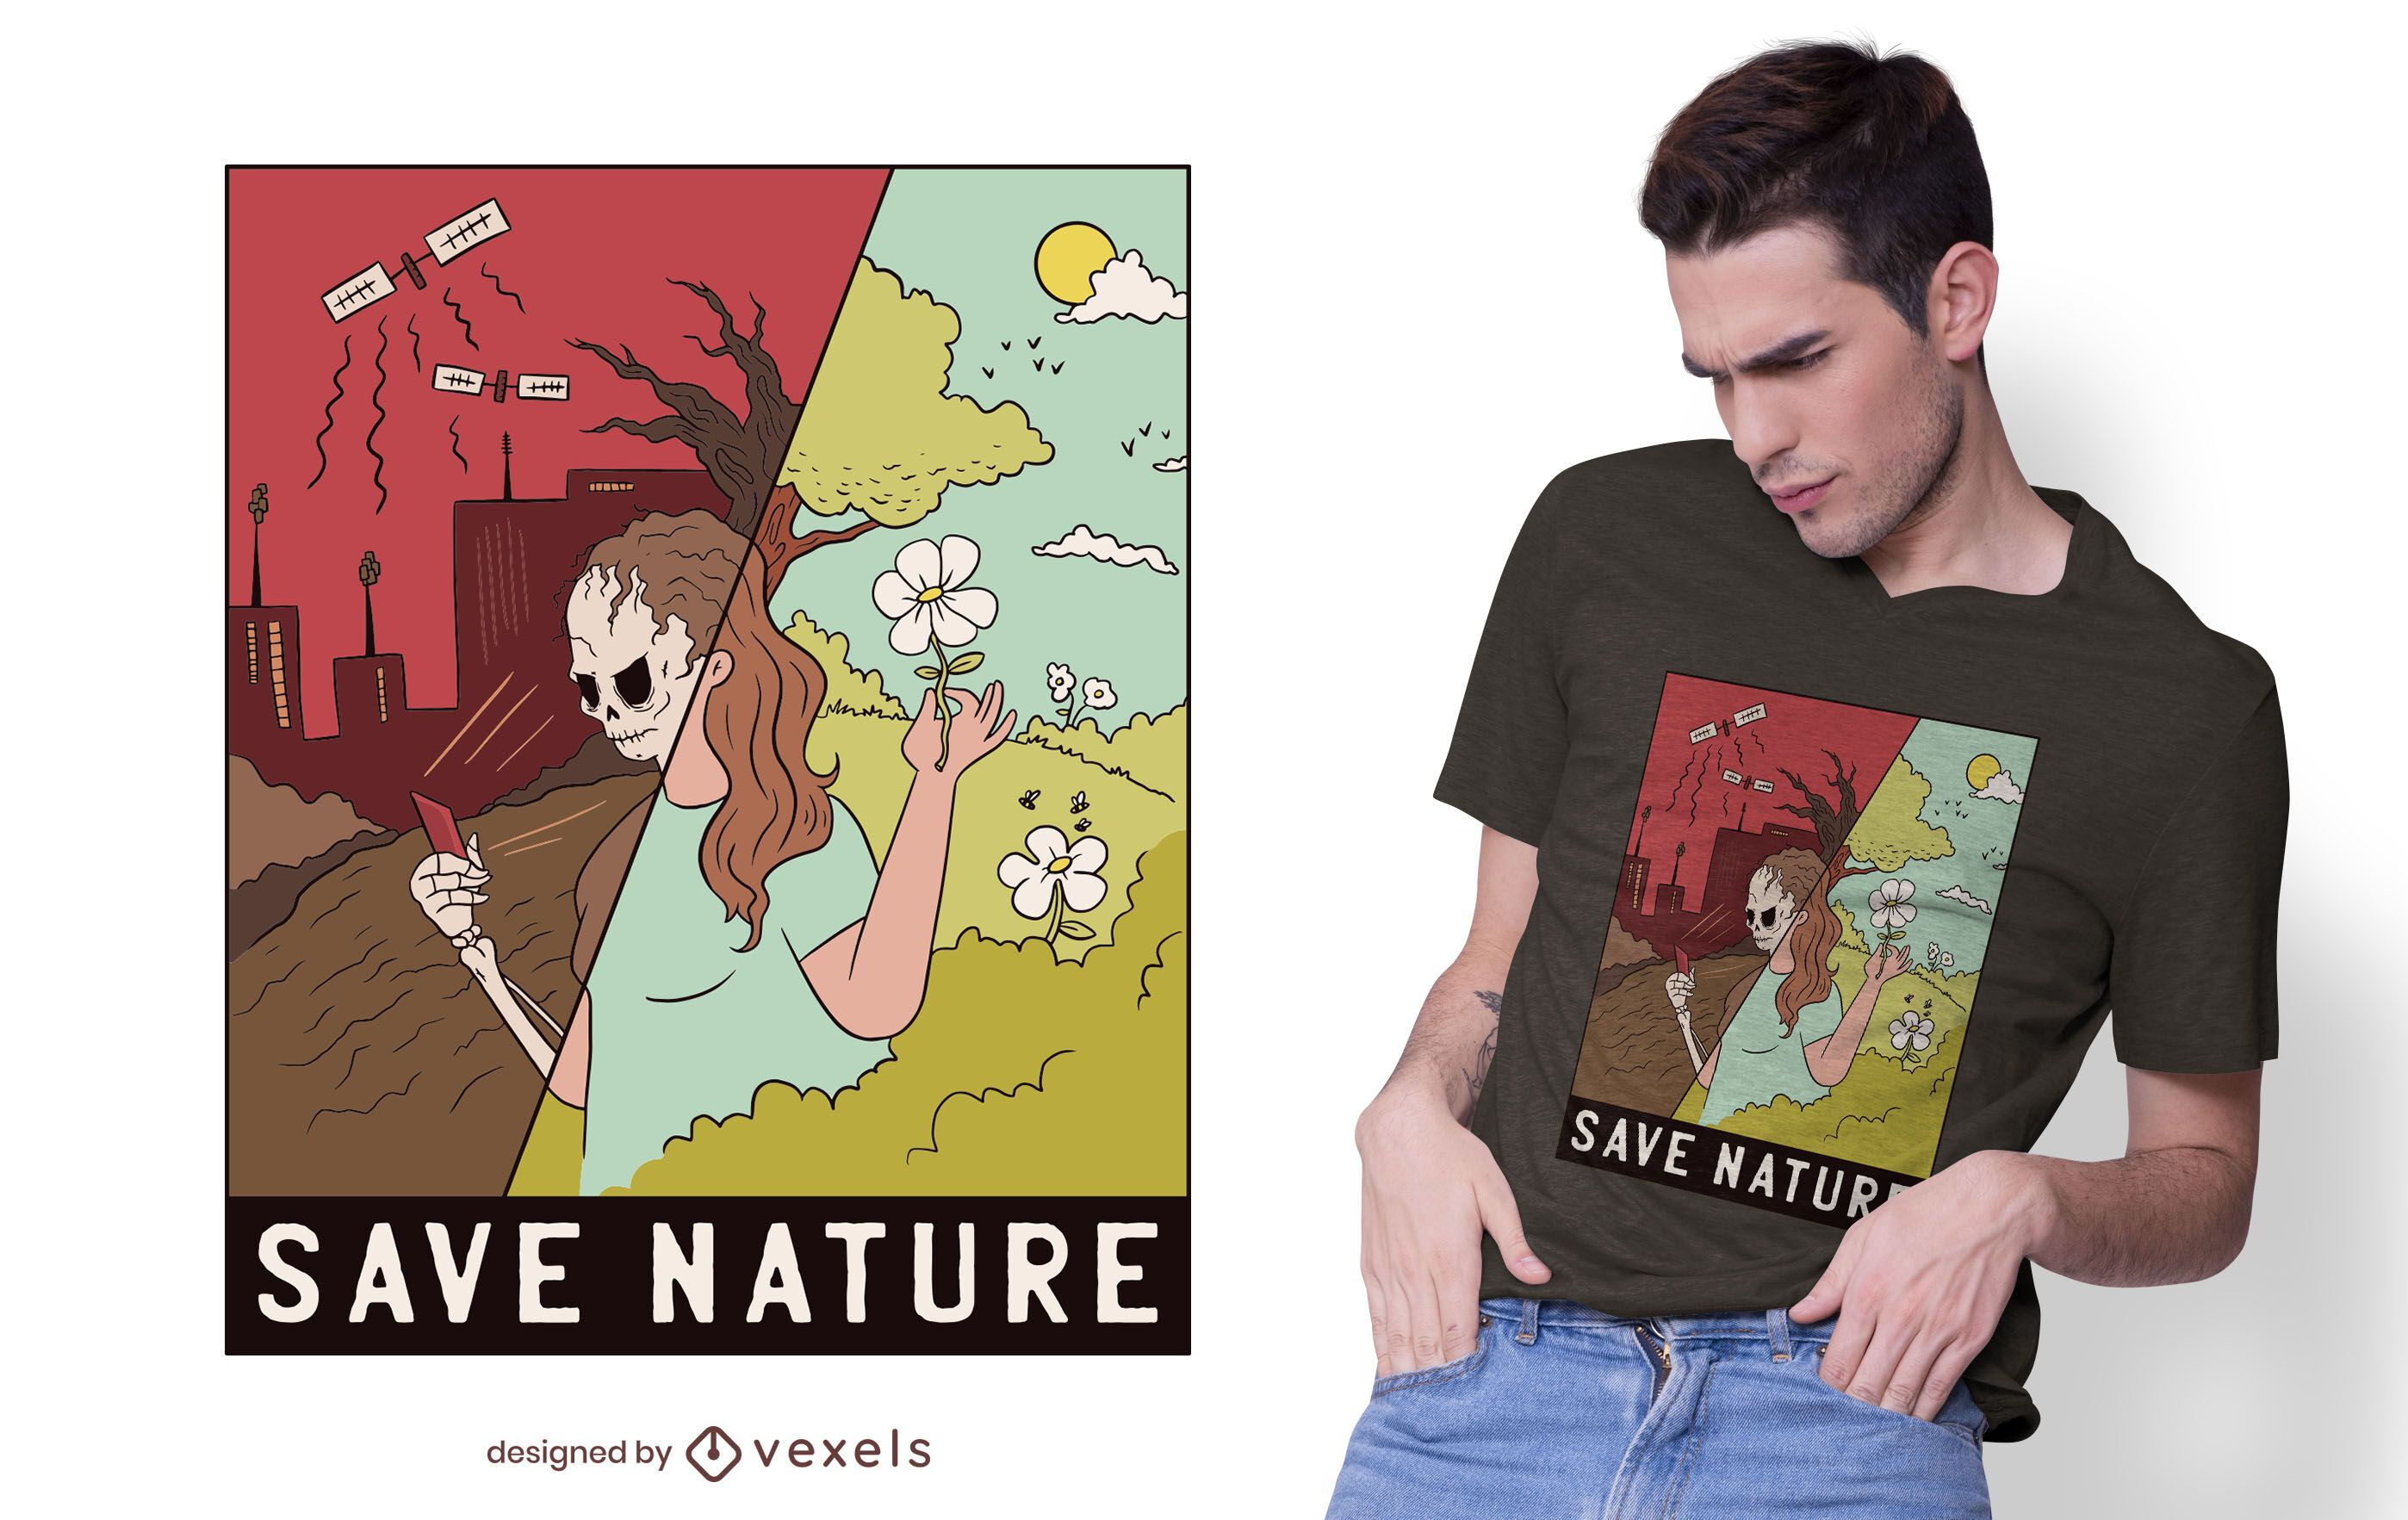 Save nature t-shirt design